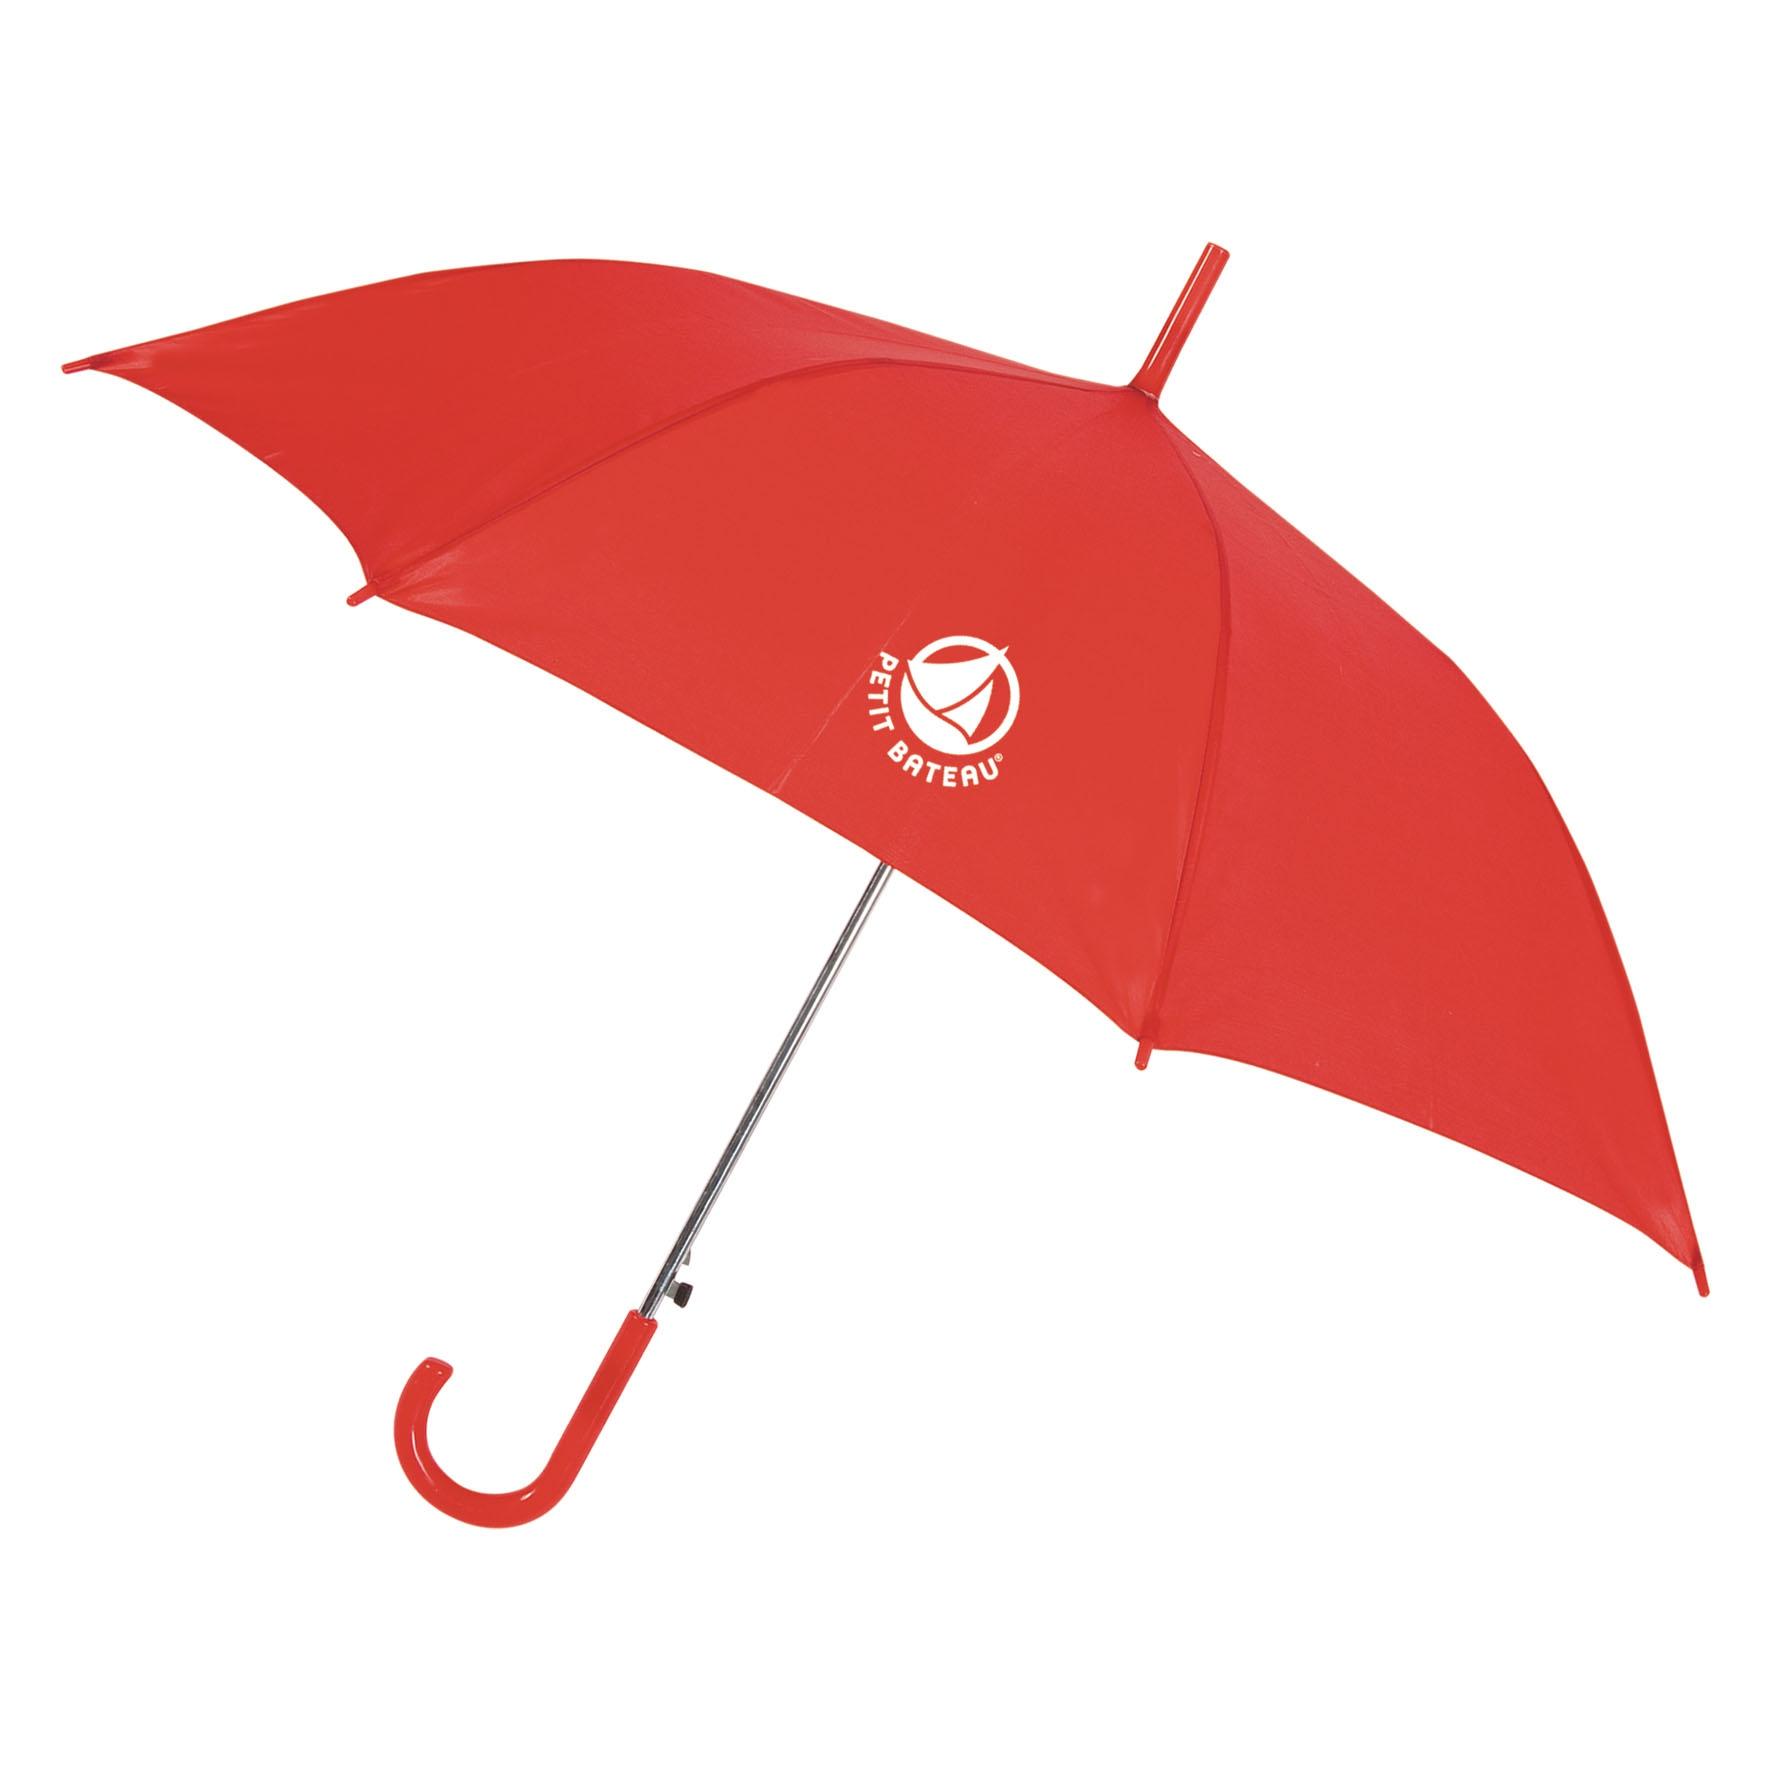 Parapluie publicitaire canne Glav - Parapluie personnalisable - noir